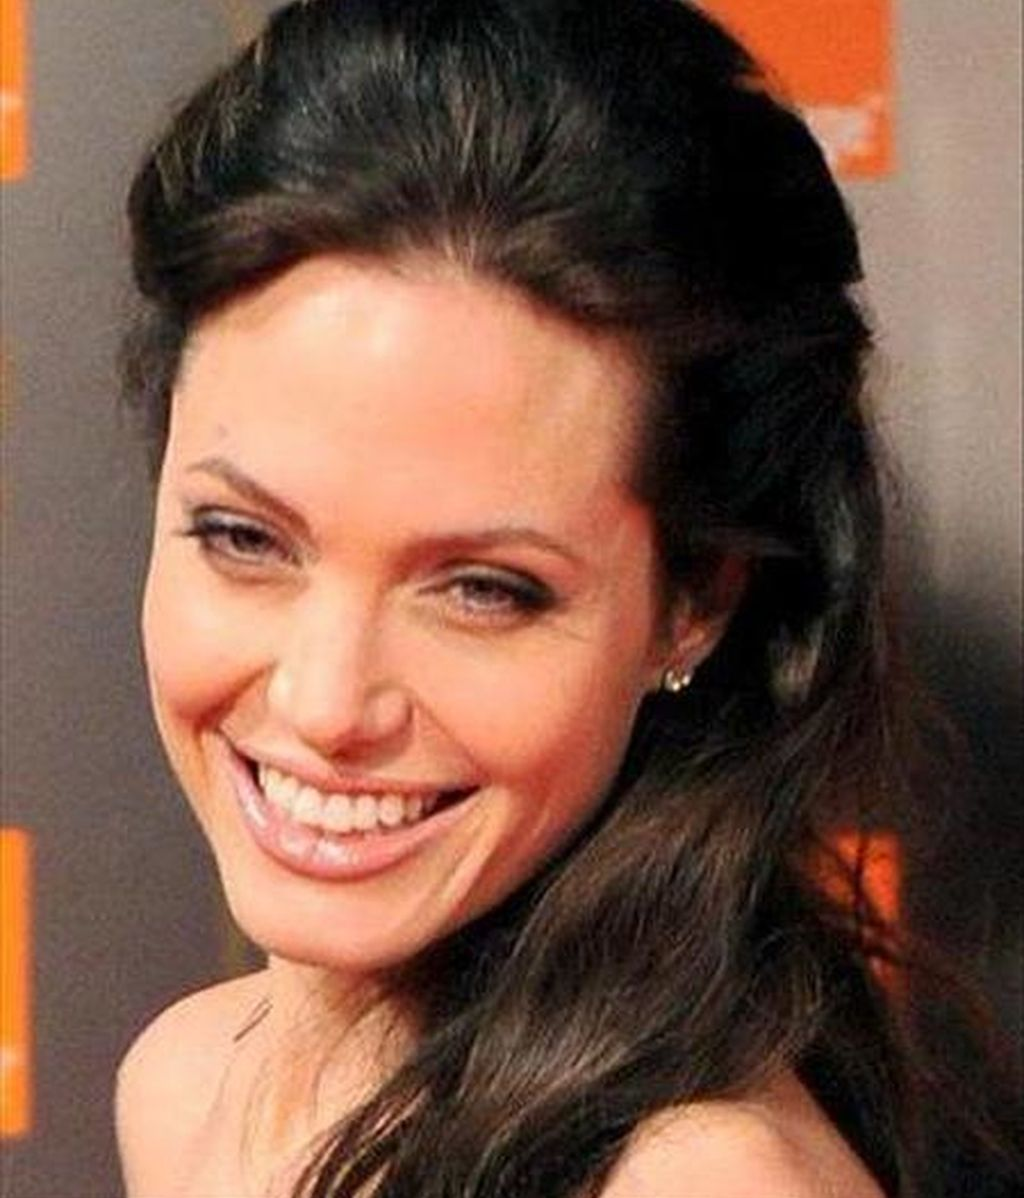 Jolie fue la absoluta ganadora con un 58 por ciento de los votos, seguida a una larga distancia por Bündchen, que consiguió el 9 por ciento, y Halle Berry, en tercer lugar, con el 4 por ciento. EFE/Archivo